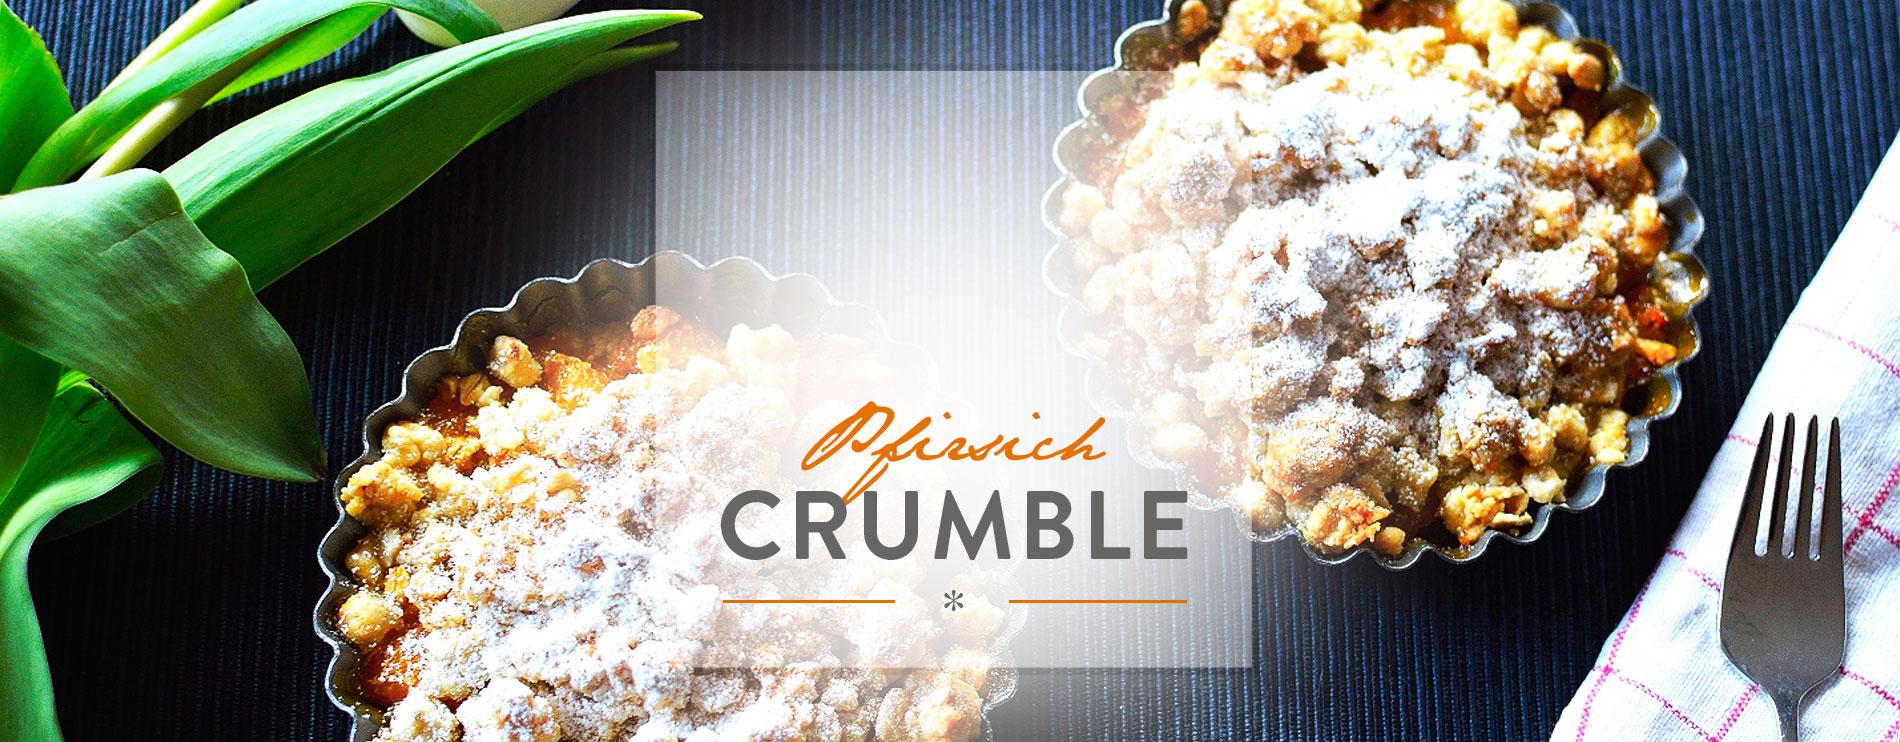 Header Pfirsich Crumble